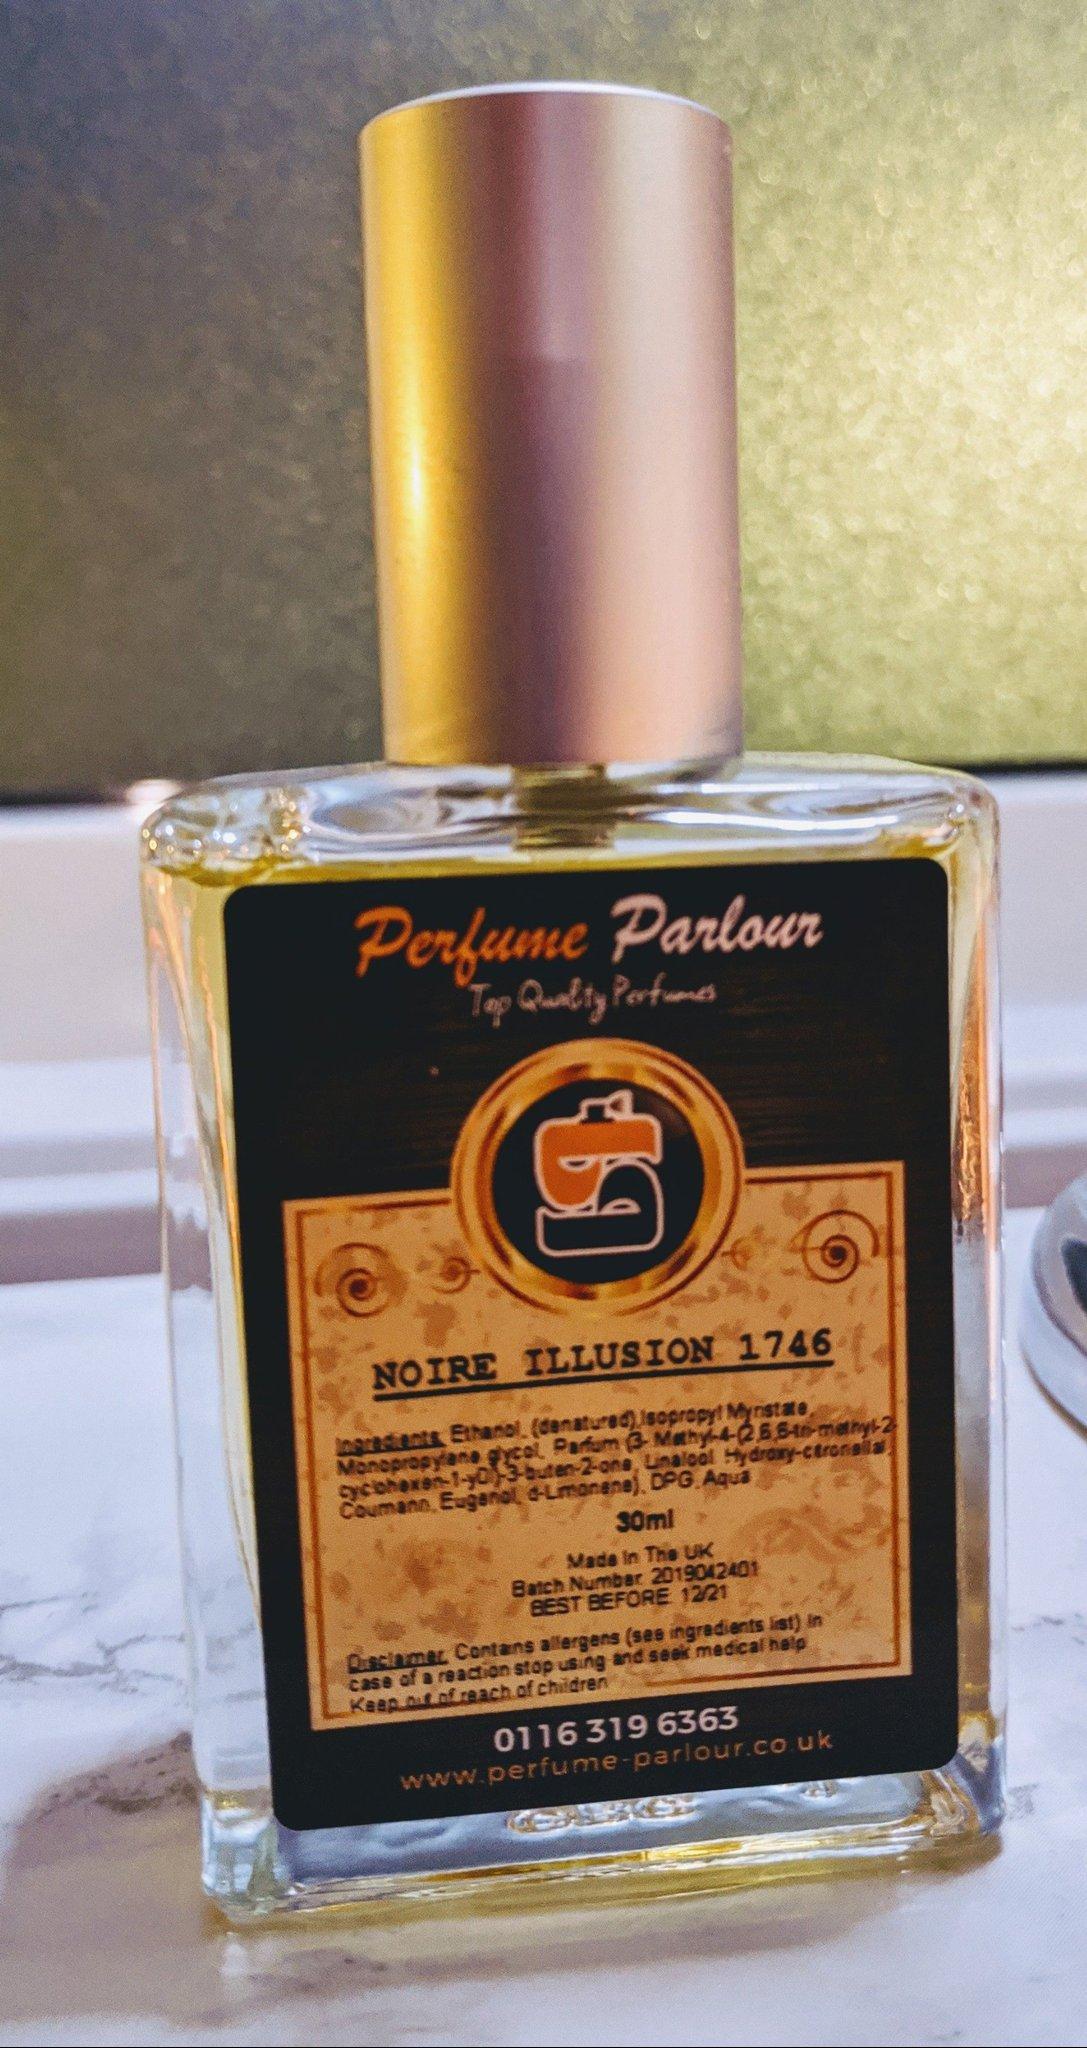 PP Noire Illusion 1746 30 ml (392673340) ᐈ Köp på Tradera